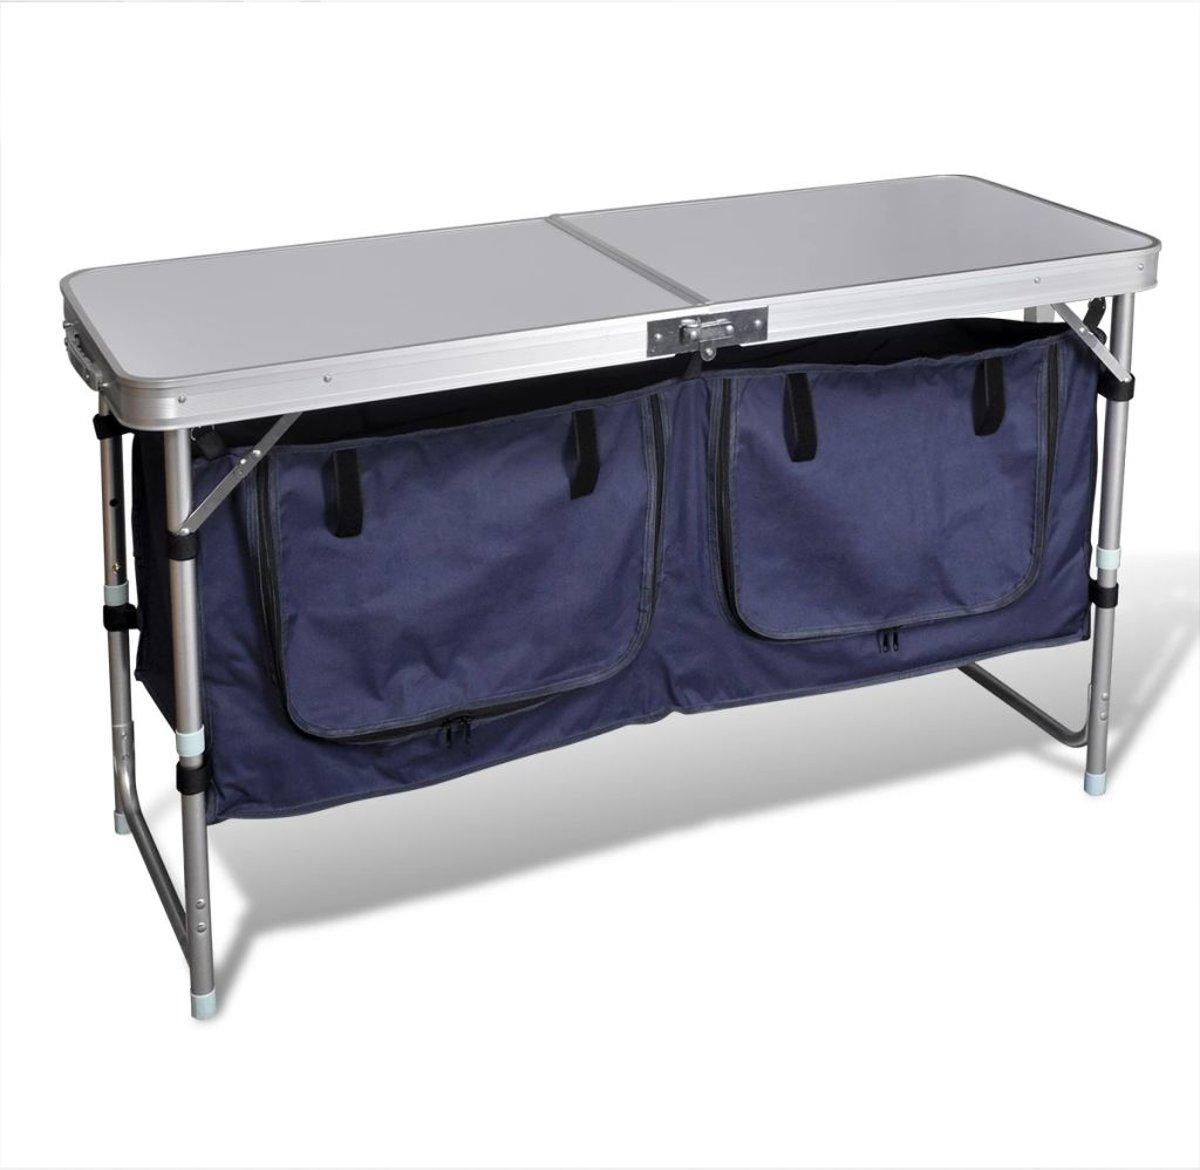 vidaXL Campingkastje met aluminium frame kopen